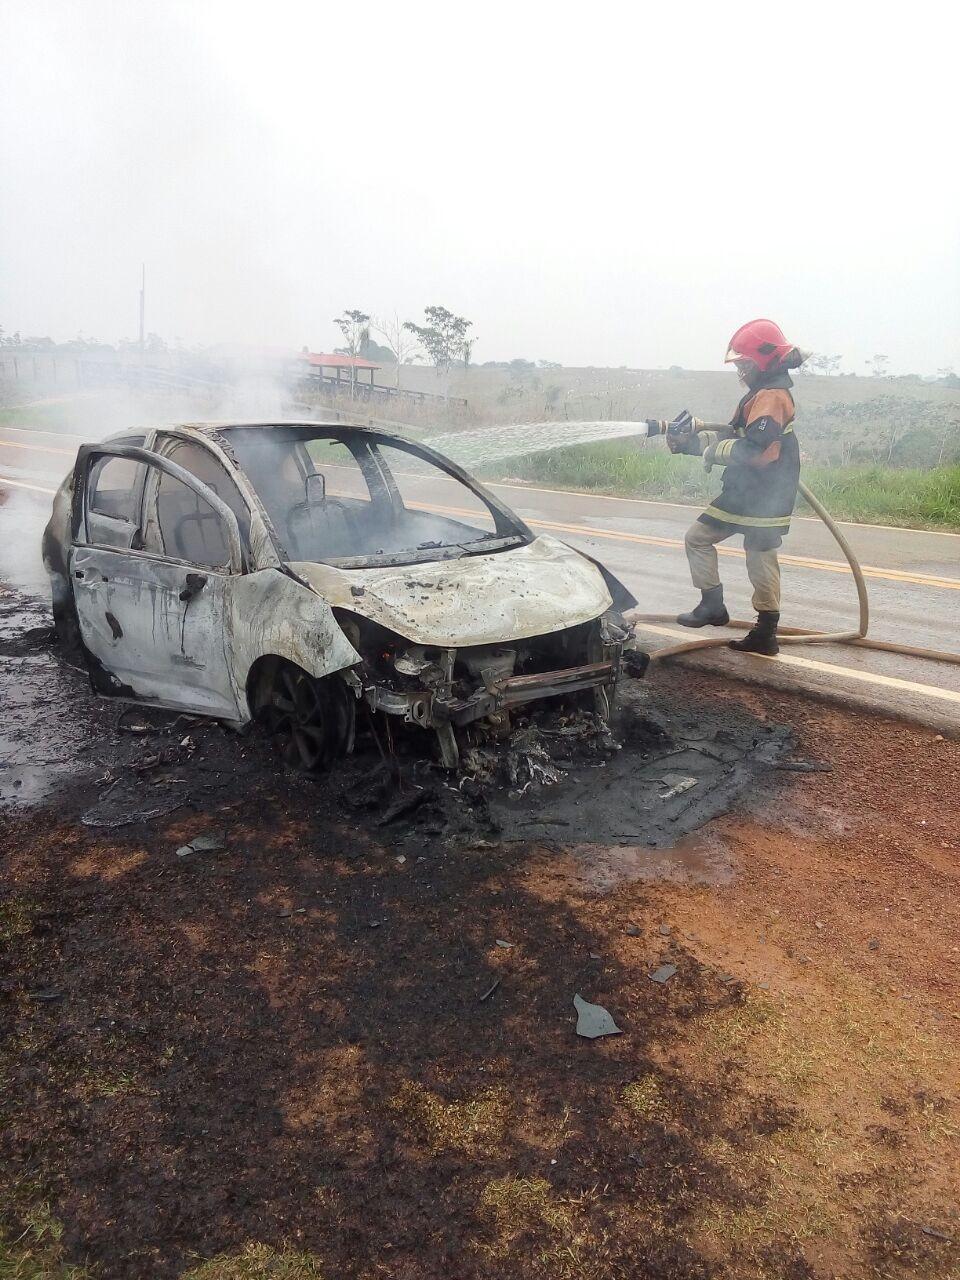 Carro pega fogo no meio de estrada durante viagem no interior do Acre e família escapa ilesa